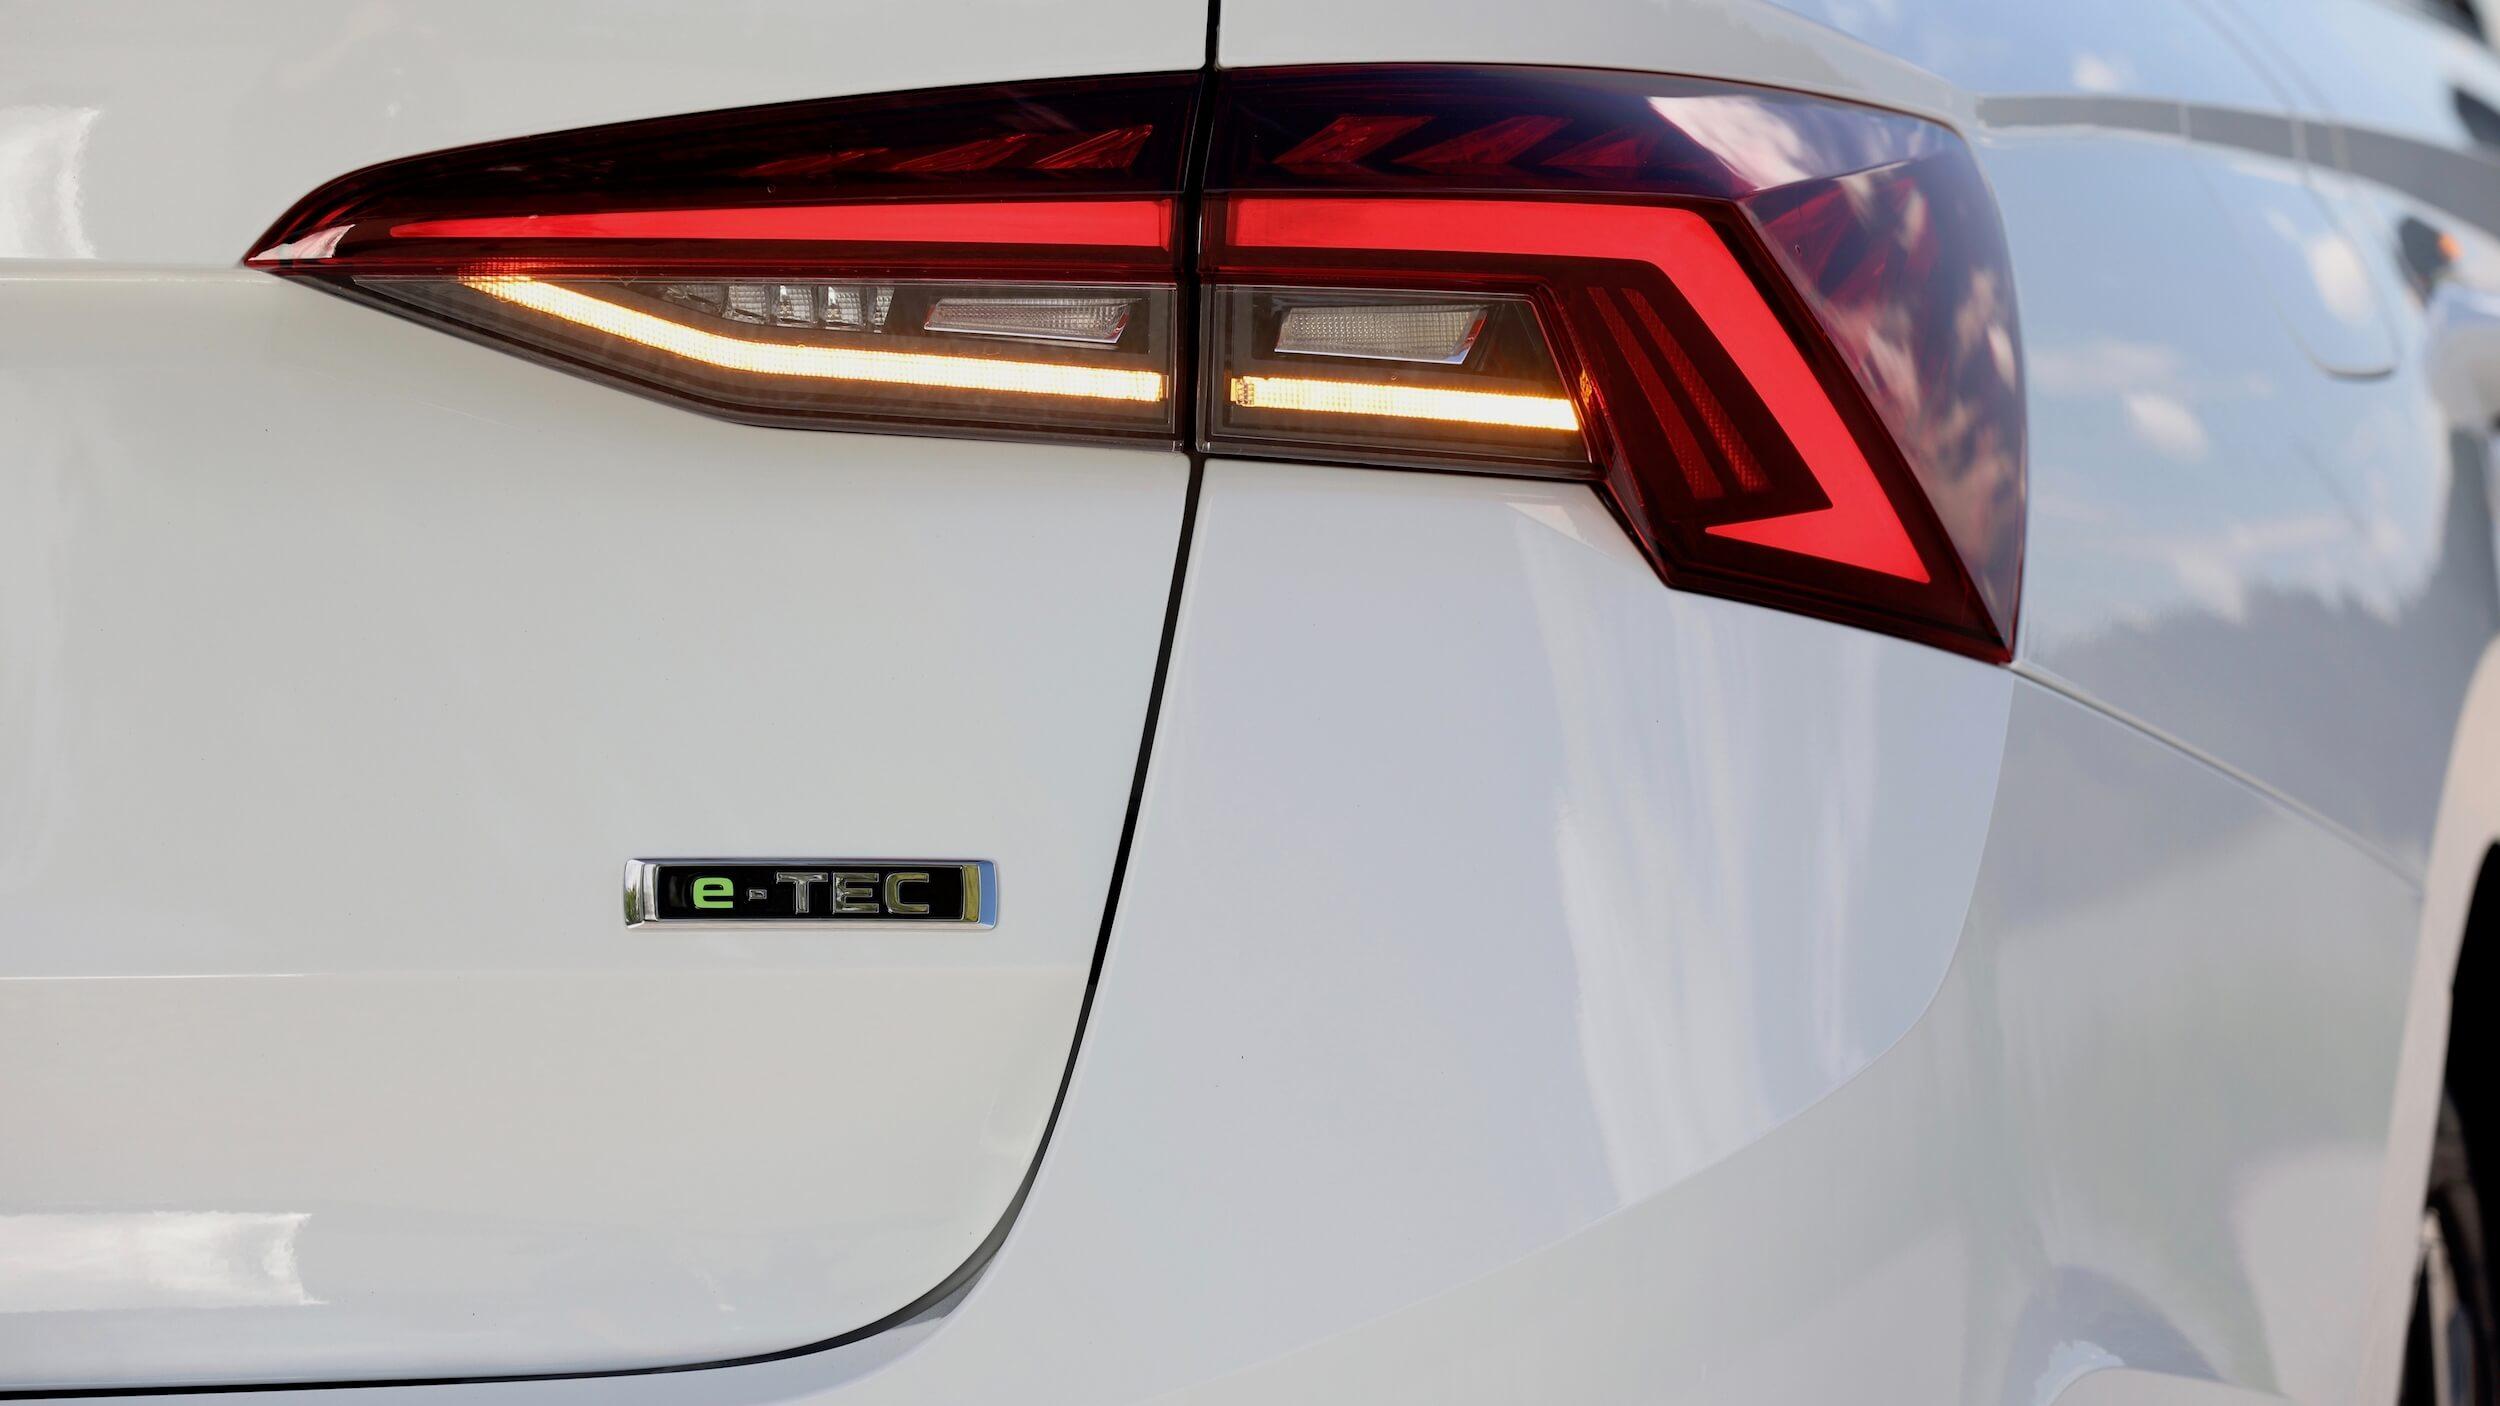 Skoda Octavia E TEC milde hybride badge